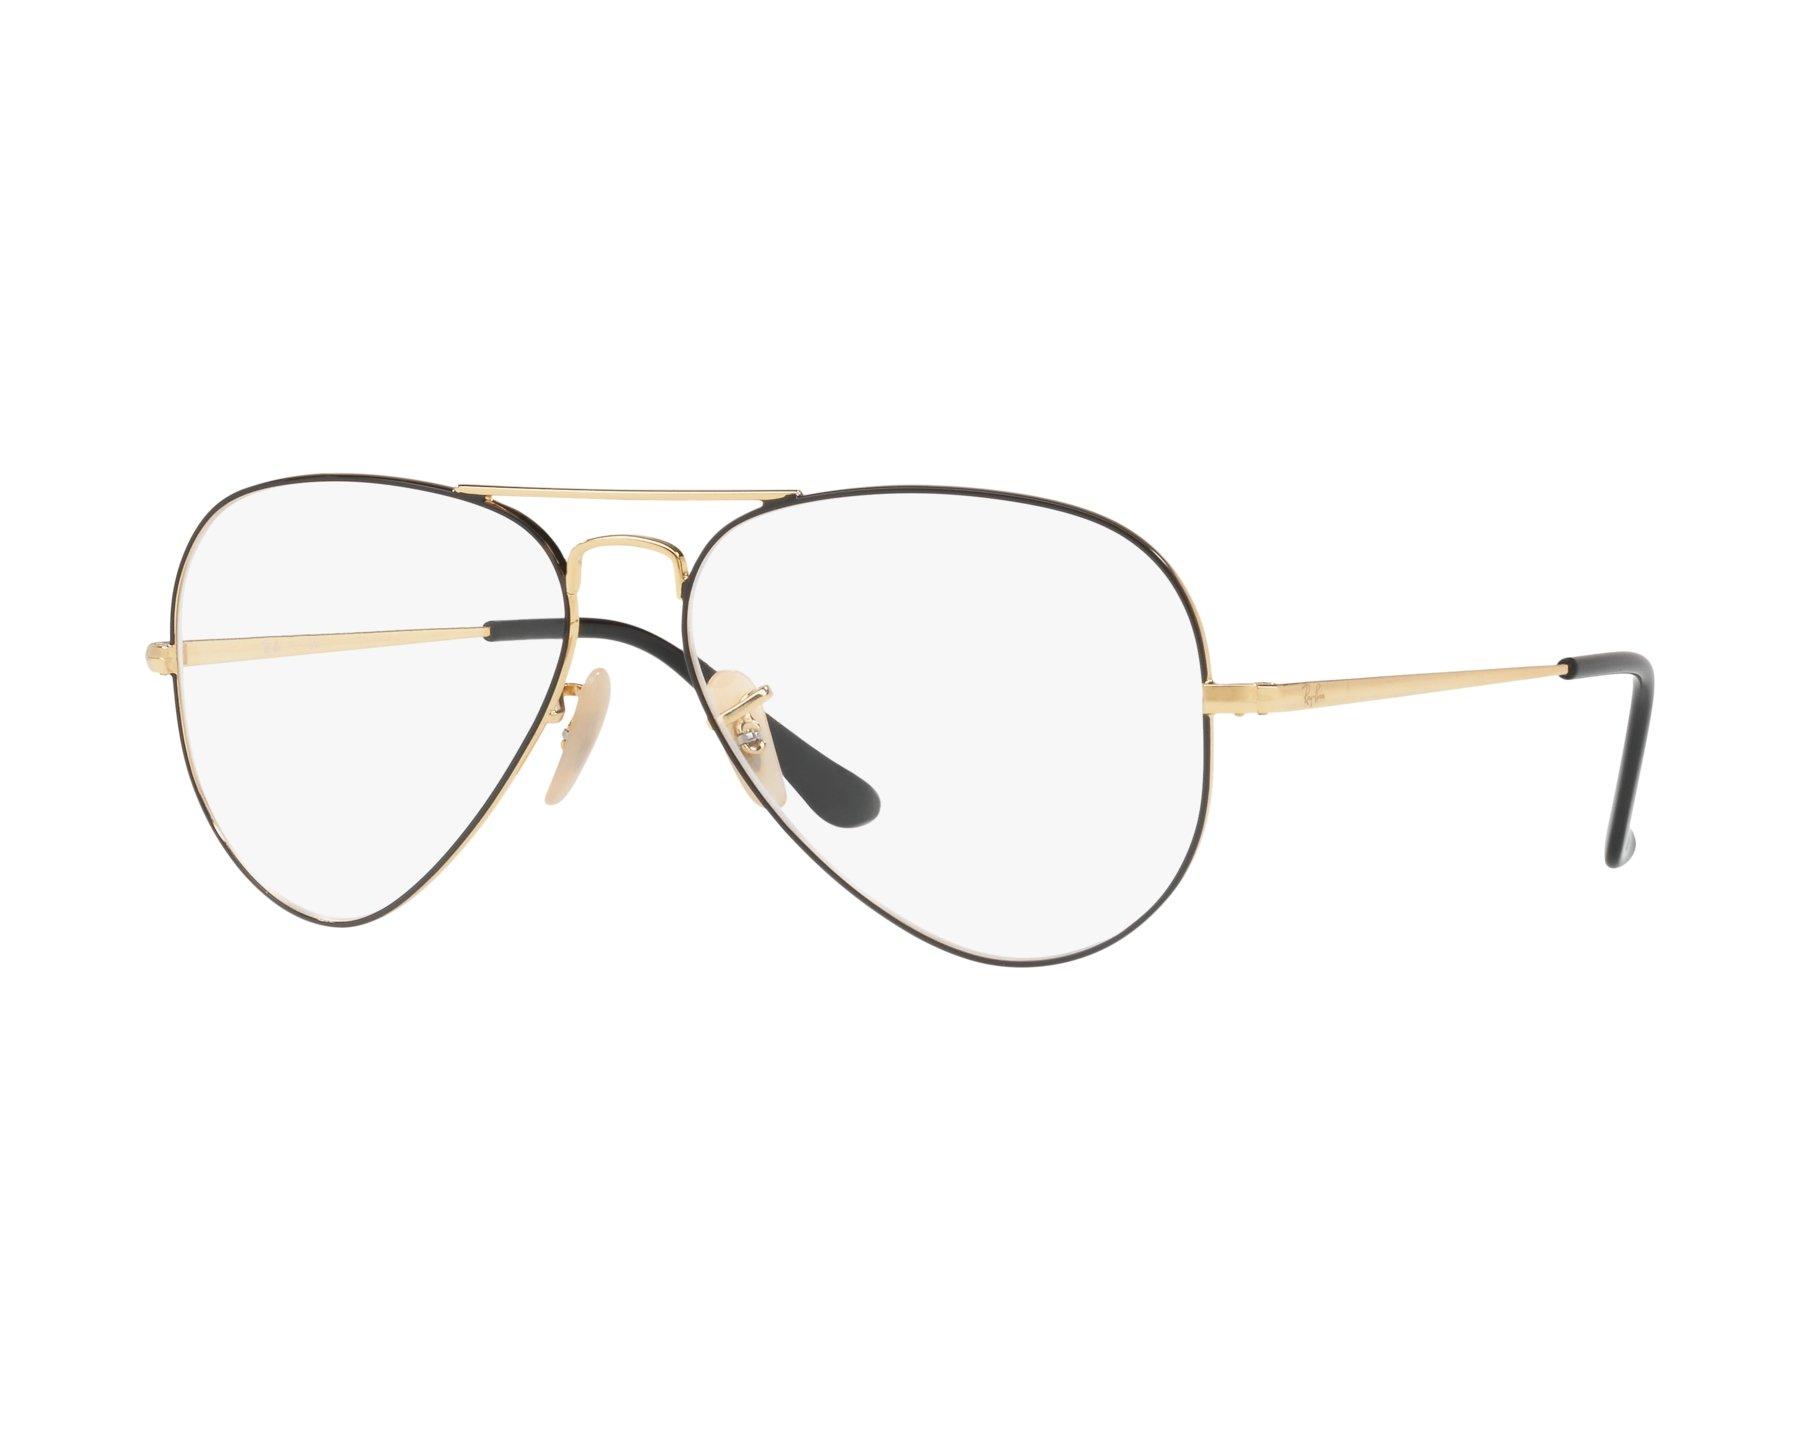 lunette de vue ray ban femme aviator